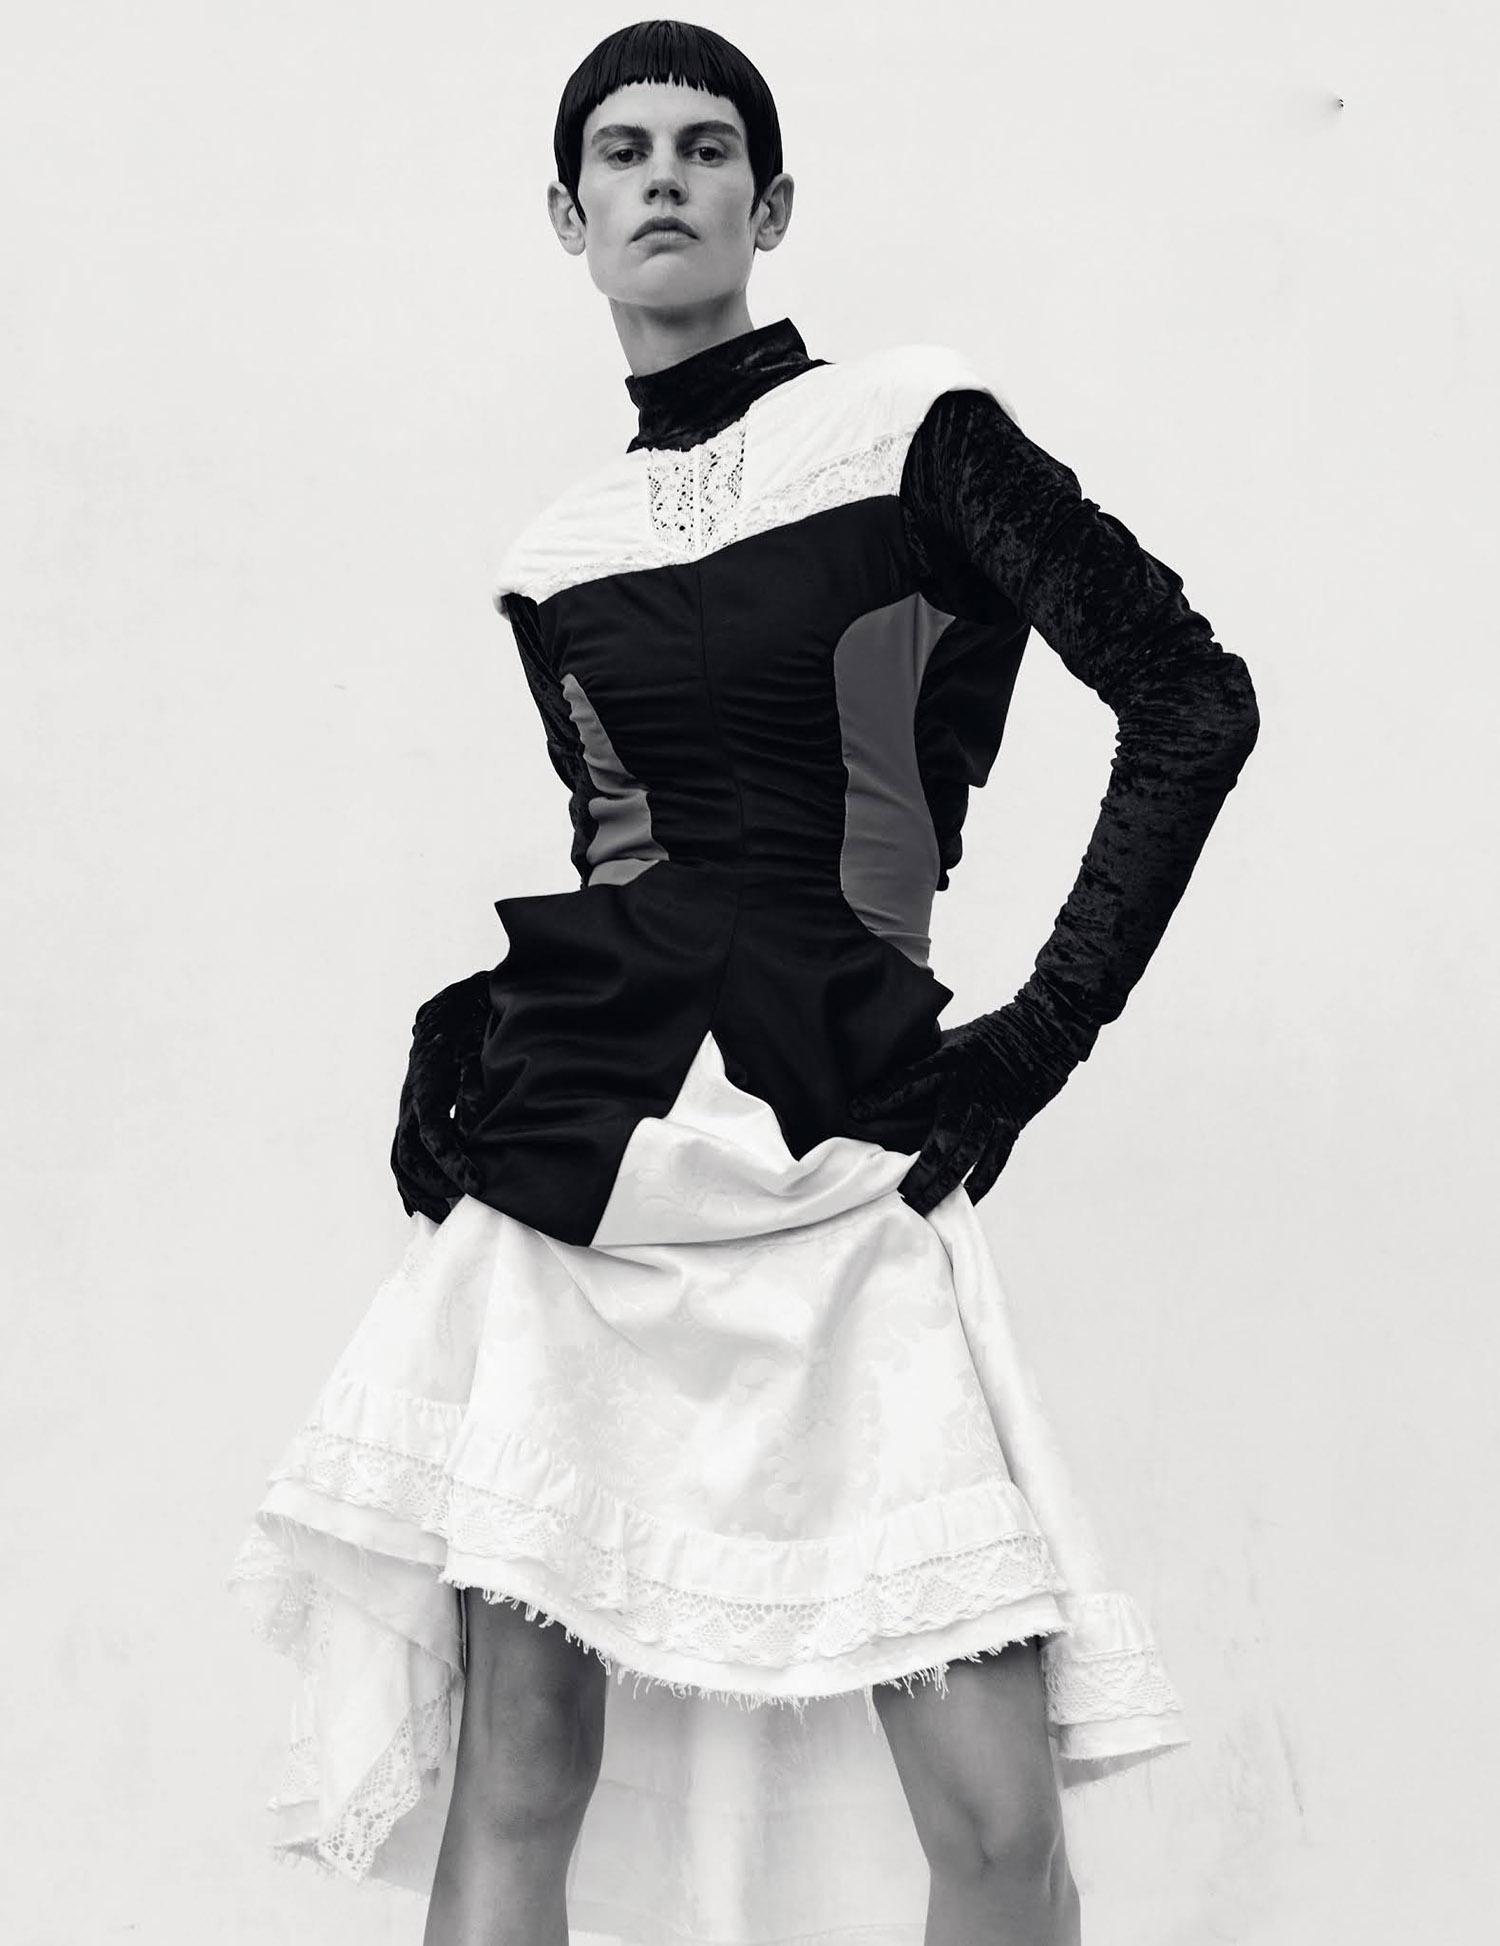 Saskia de Brauw by Amy Troost for i-D Magazine Winter 2020